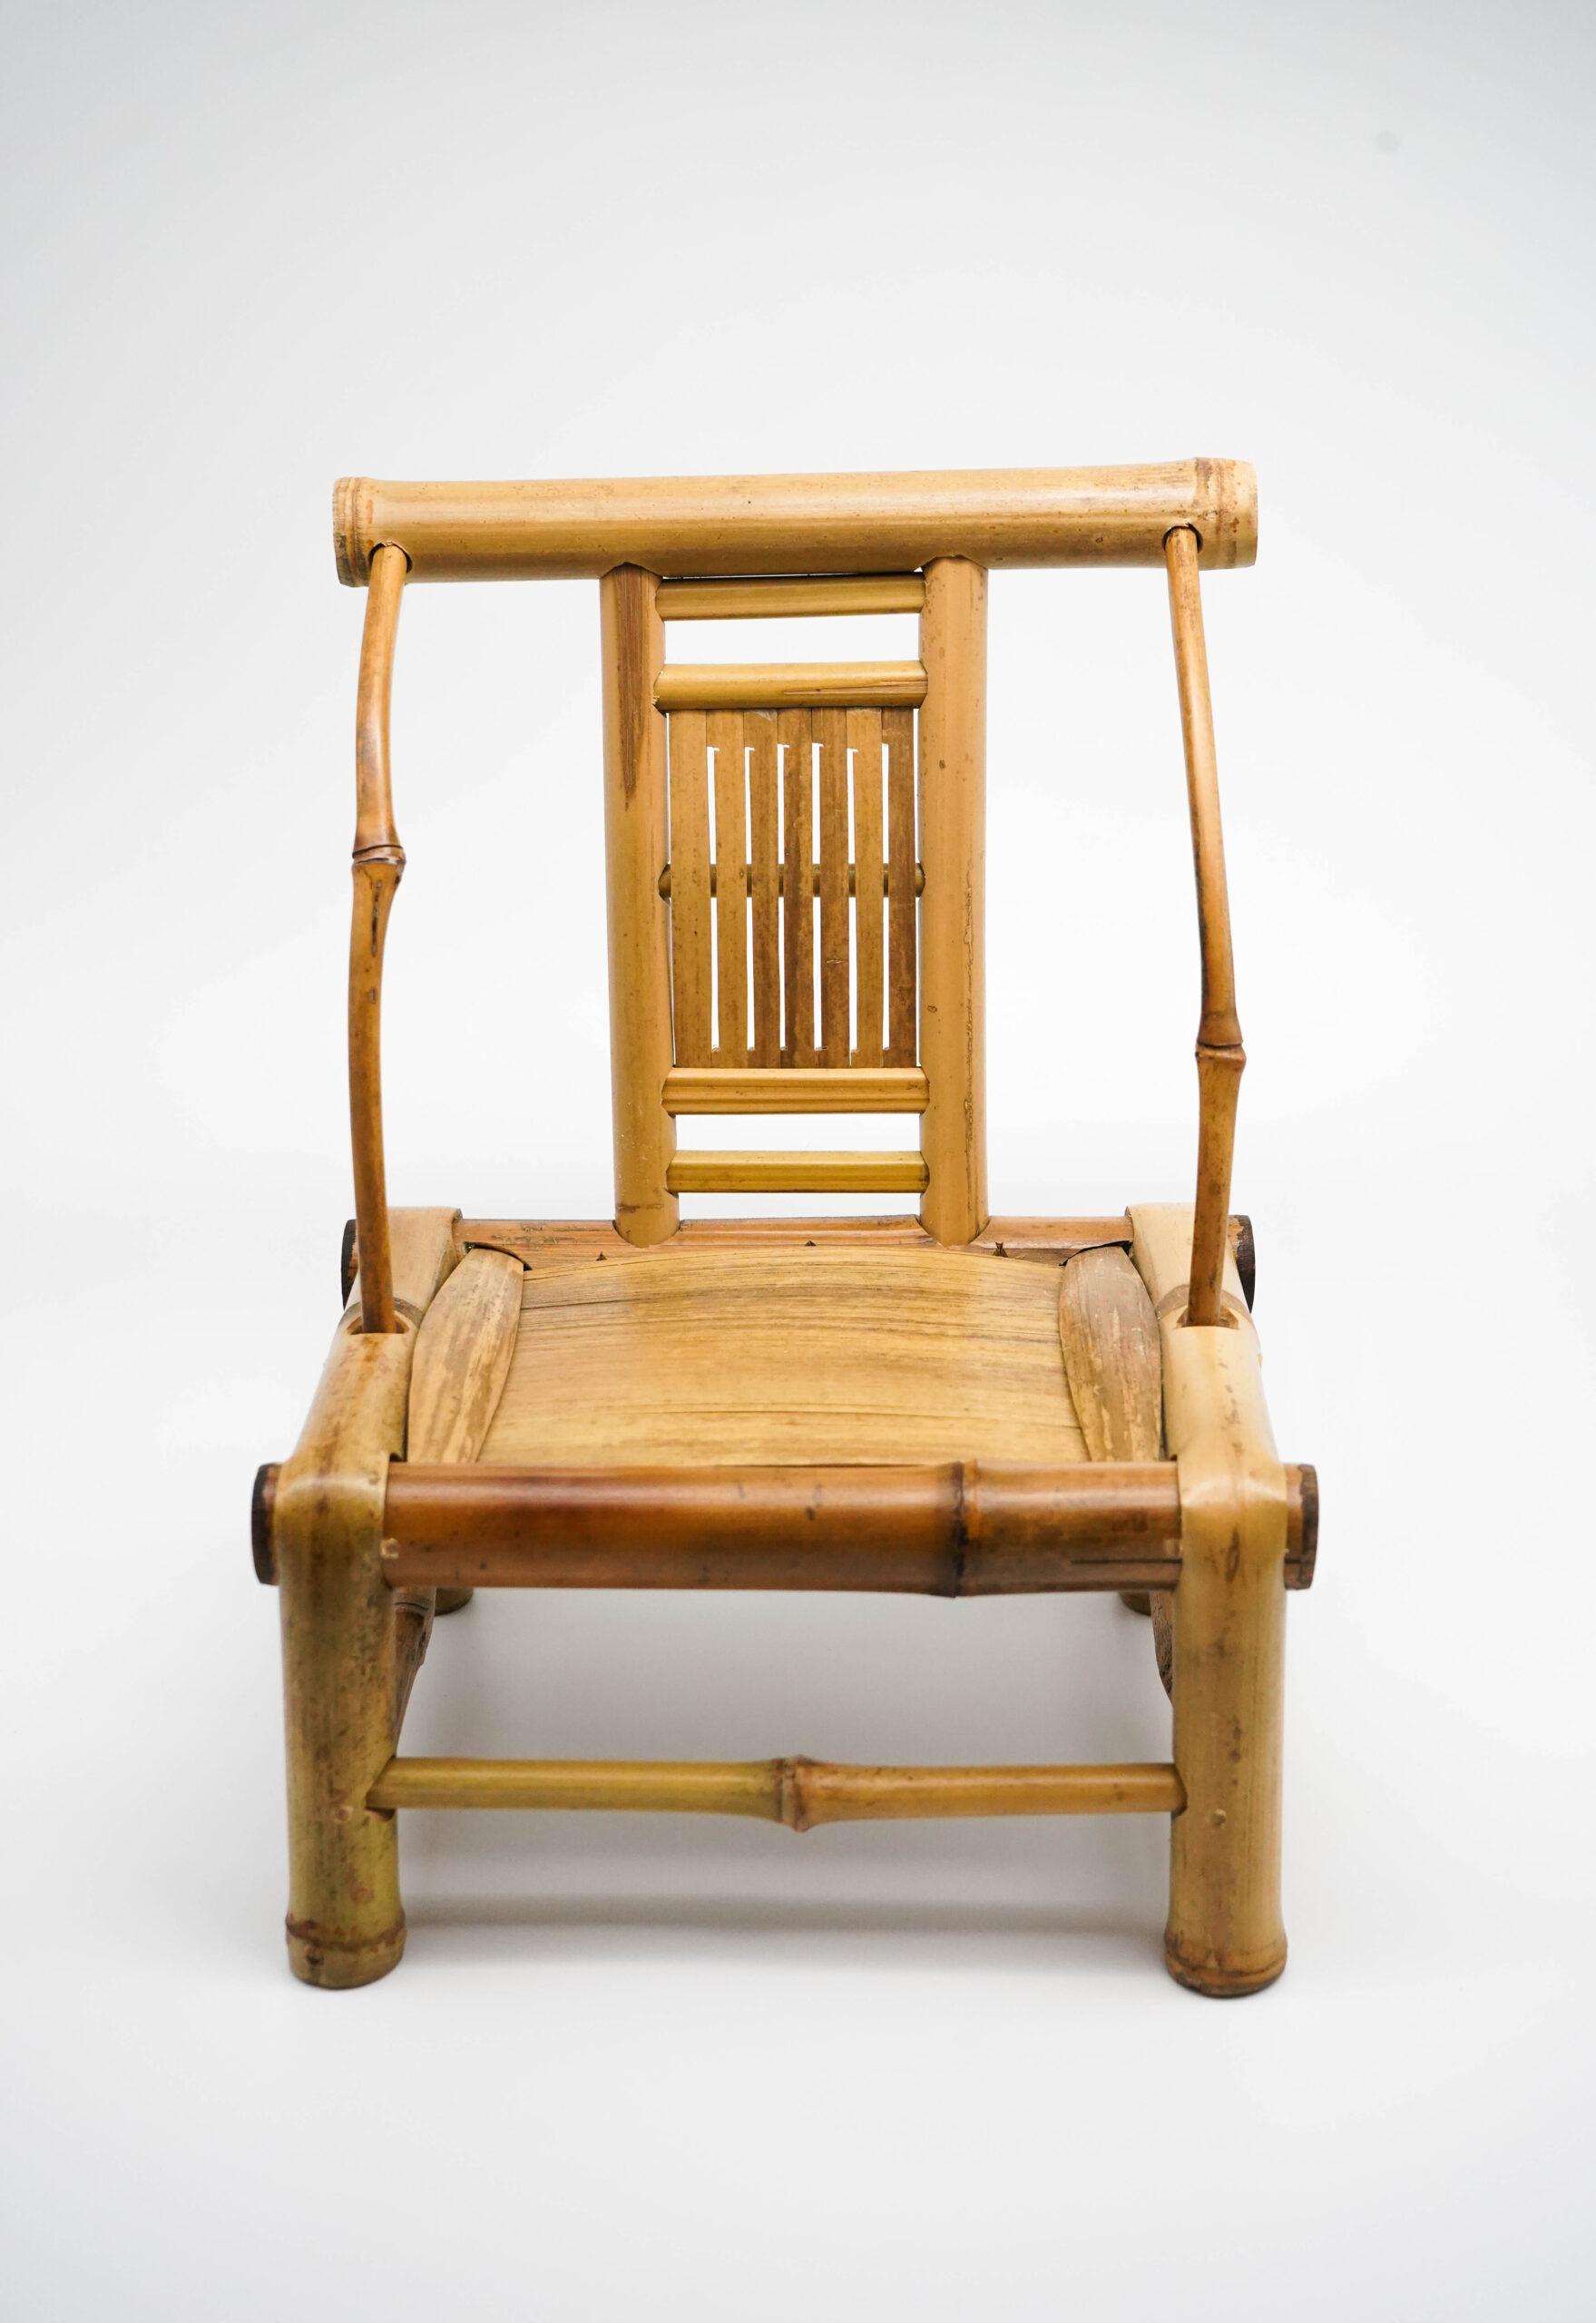 袖珍竹椅 - CRAFTS ON PEEL